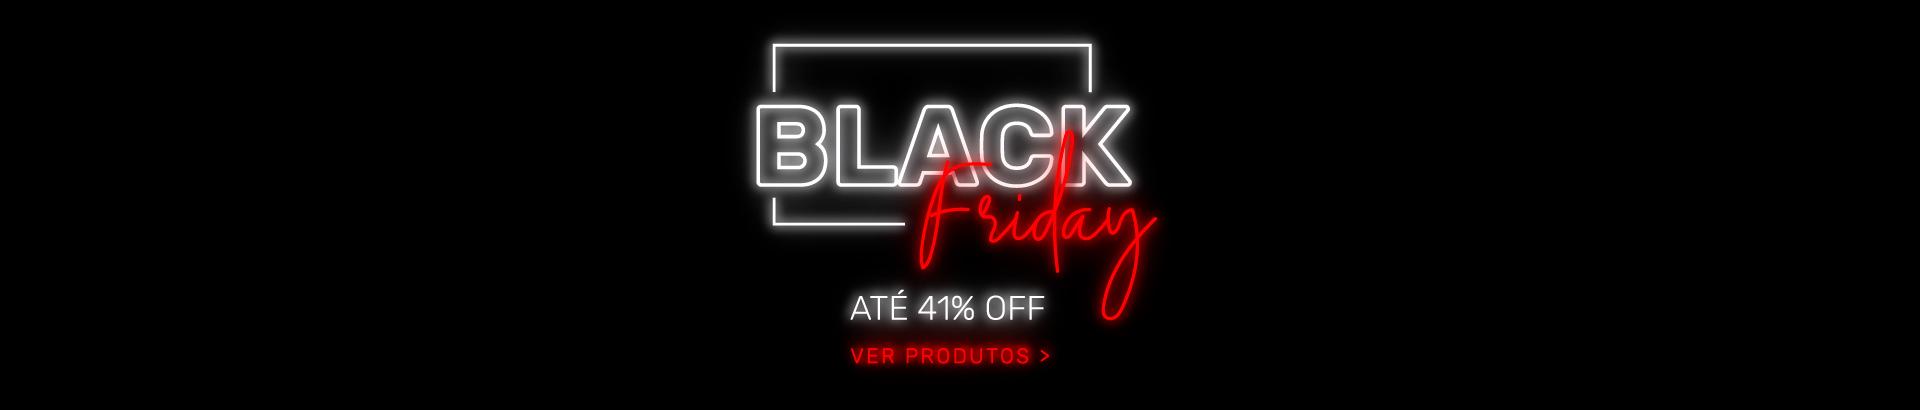 Black Friday_fb